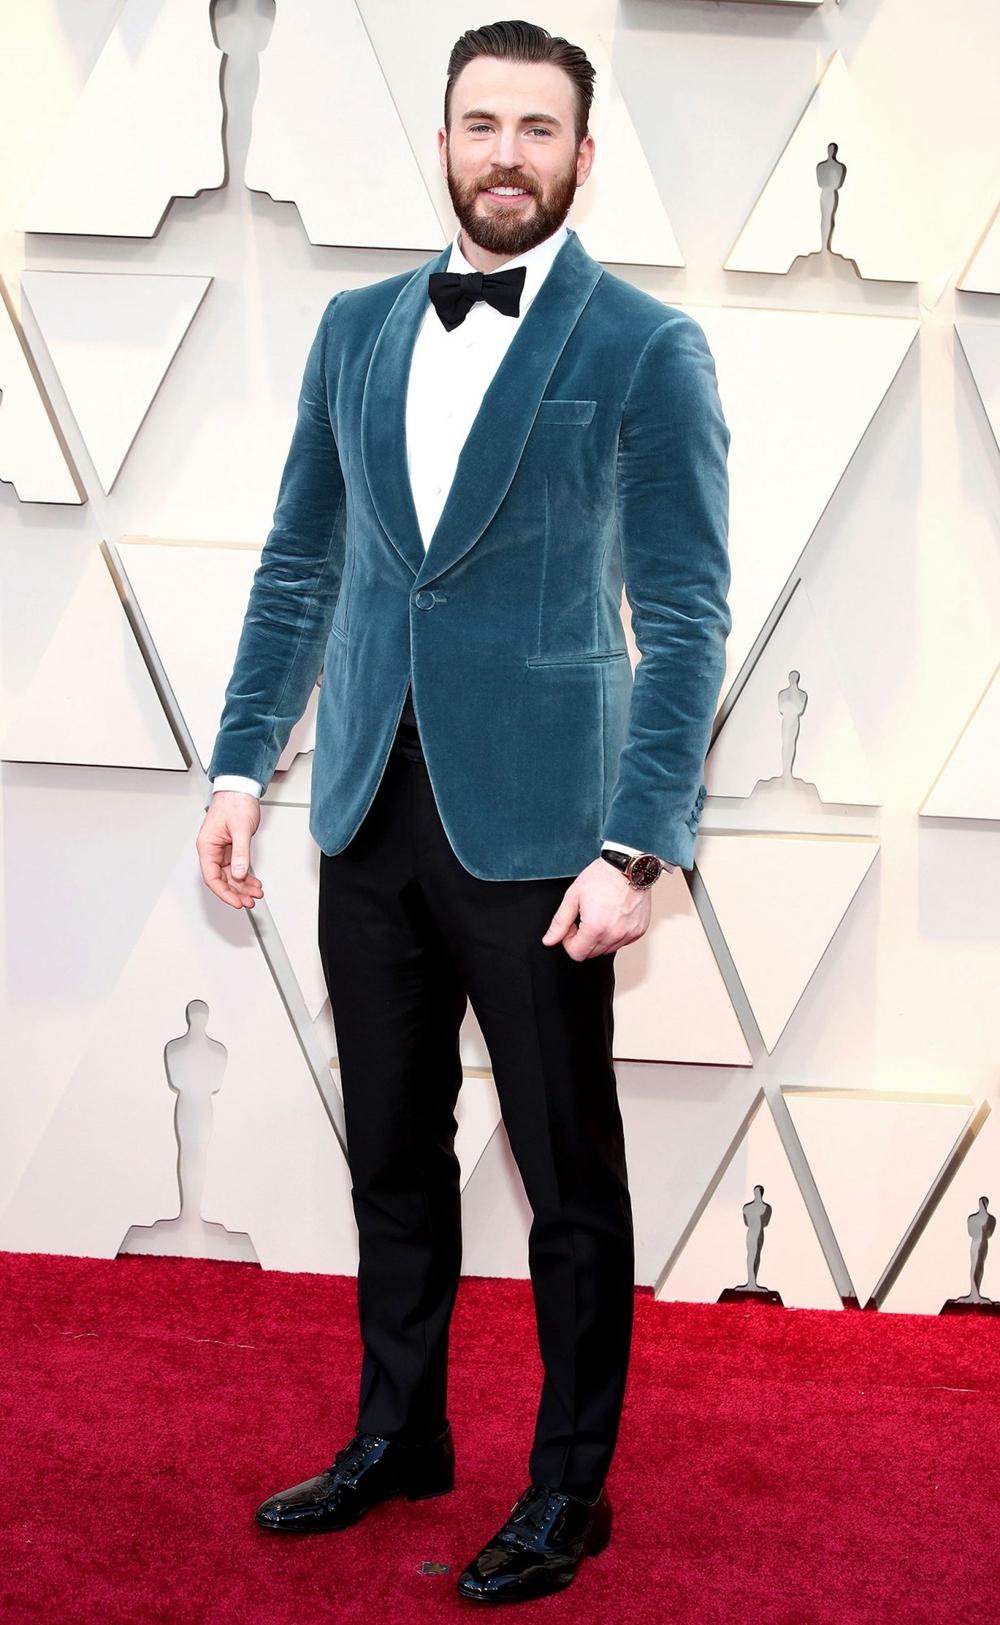 Trong lễ trao giải Oscar 2019, nam diễn viên được khen như chàng hoàng tử điển trai trong bộ tuxedo của Salvatore Ferragamo, mix với đồng hồ IWC Schaffhausen và khuy măng sét Montblanc.